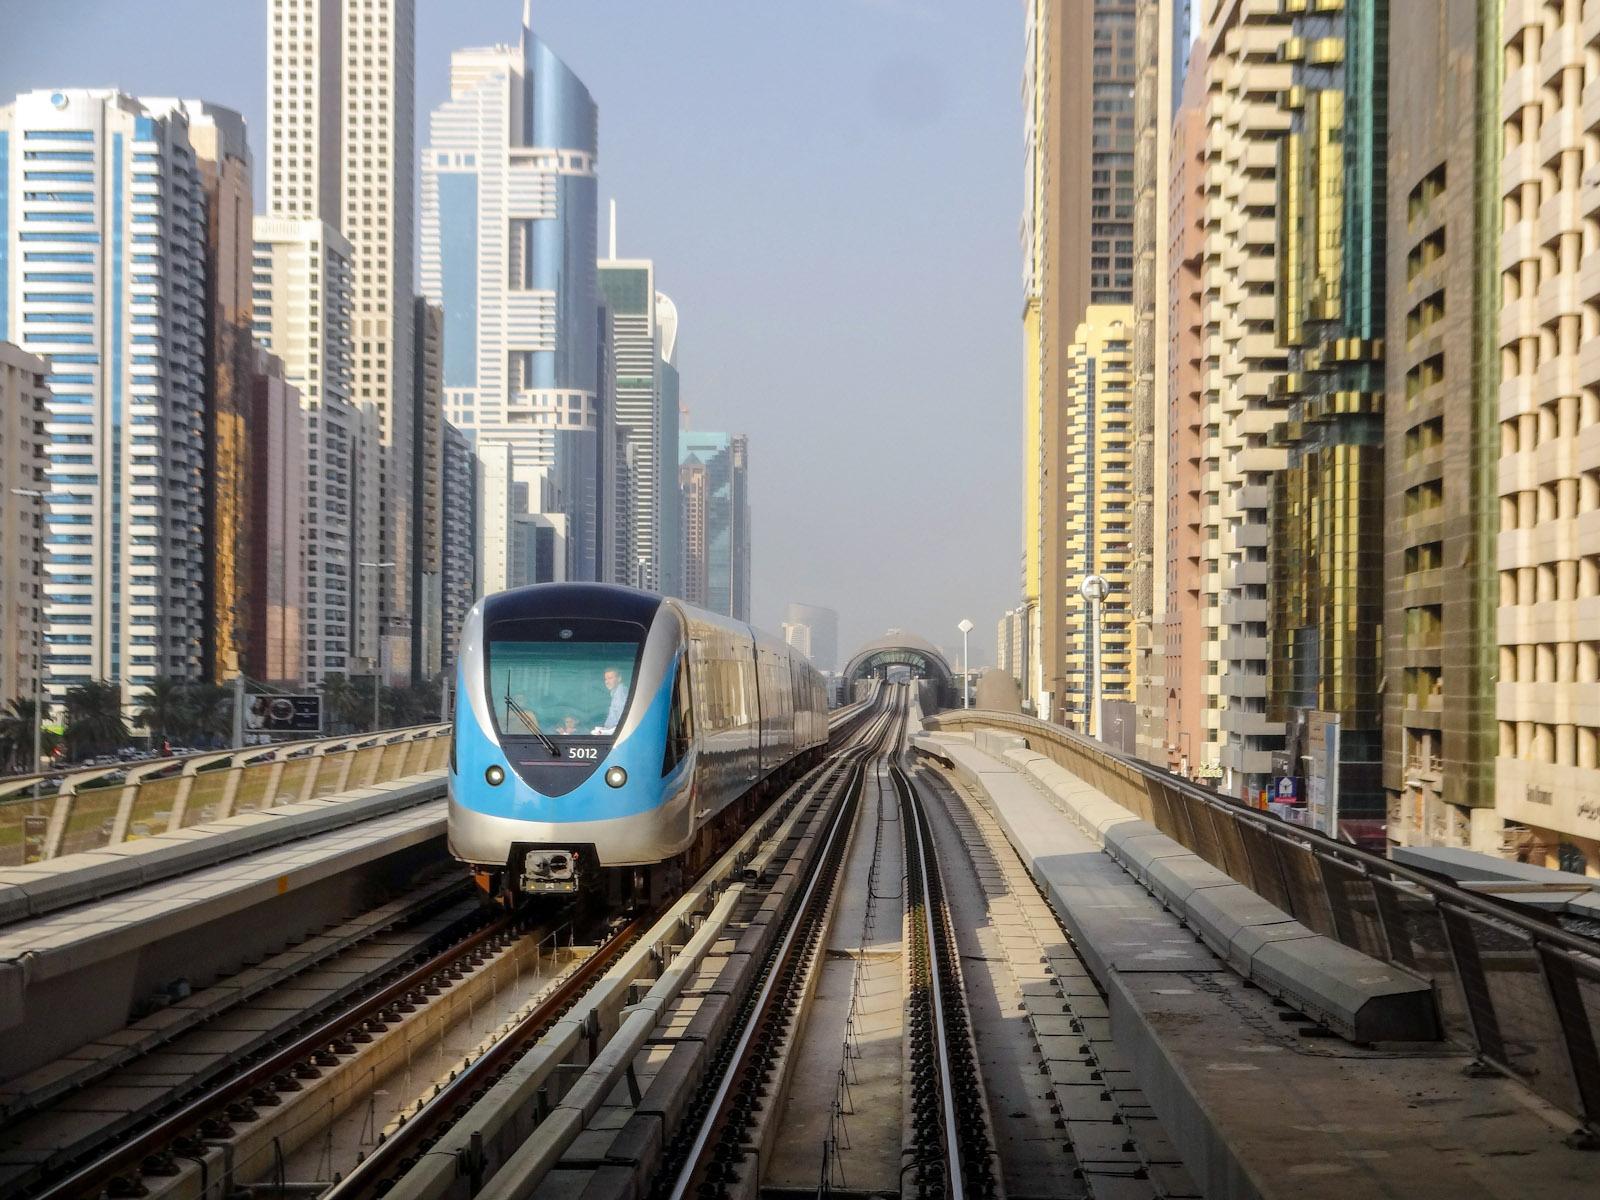 مترو دبى - dubai metro (81)